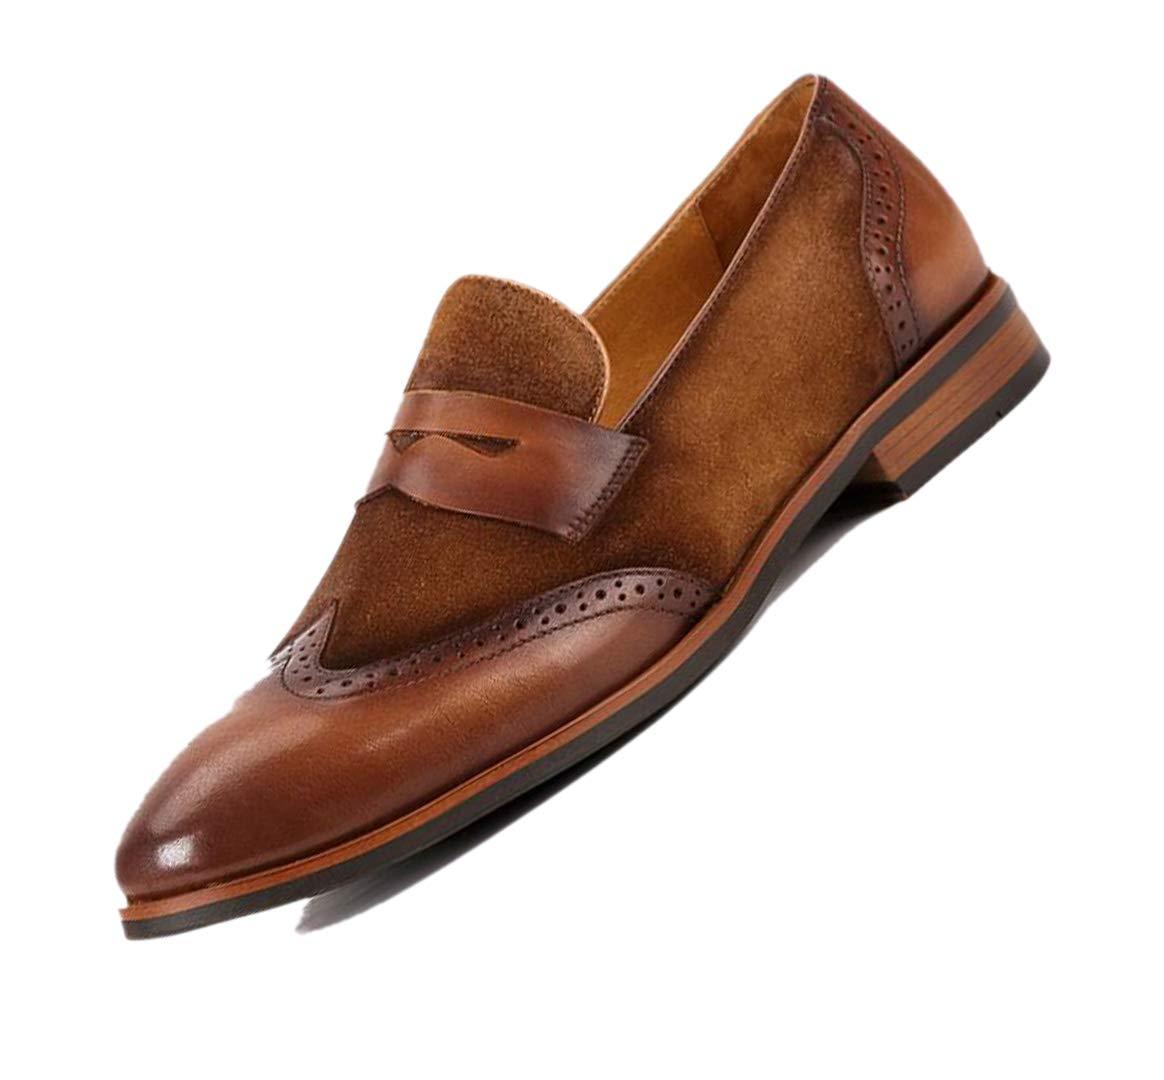 Costura Broch Puntiagudo Tallado No Cierre marrón marrón Oscuro hombres De Conducción zapatos De Cuero Mocasines Caballero Suede Hecho A Mano marrón